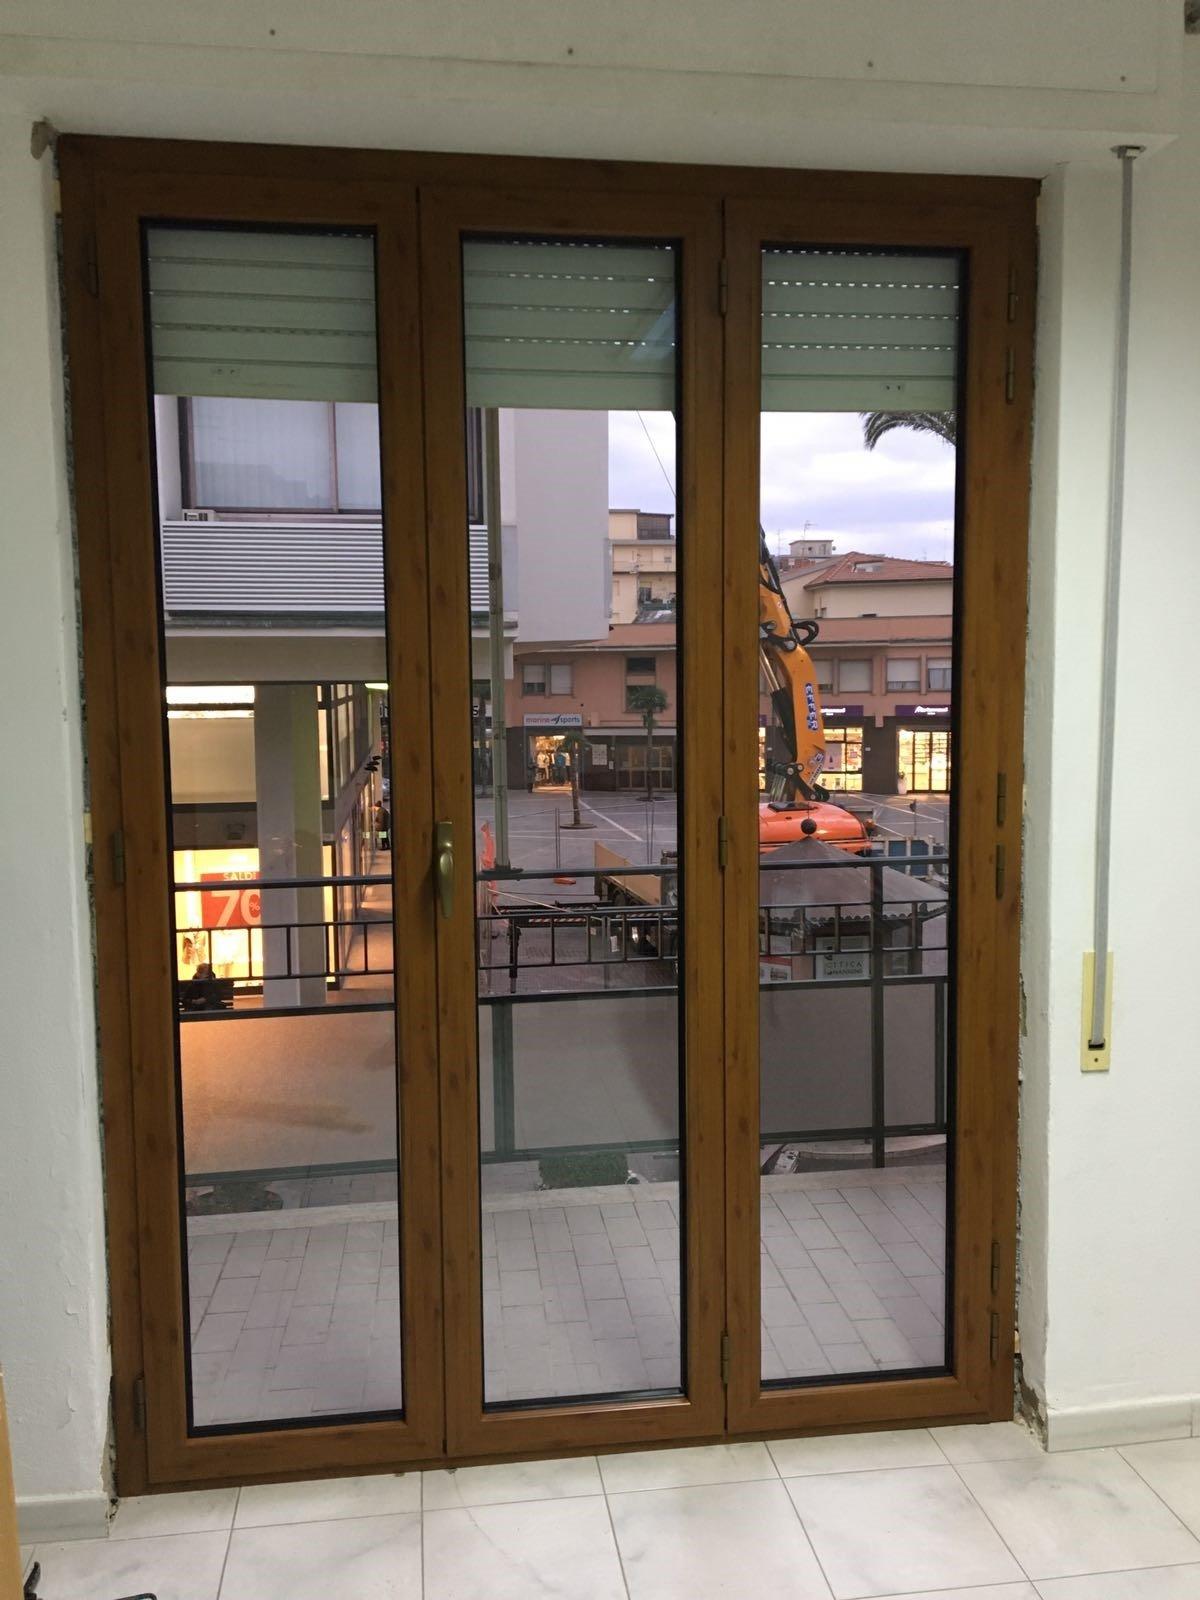 Realizzazione di finestre su misura follonica seam - Finestre su misura ...